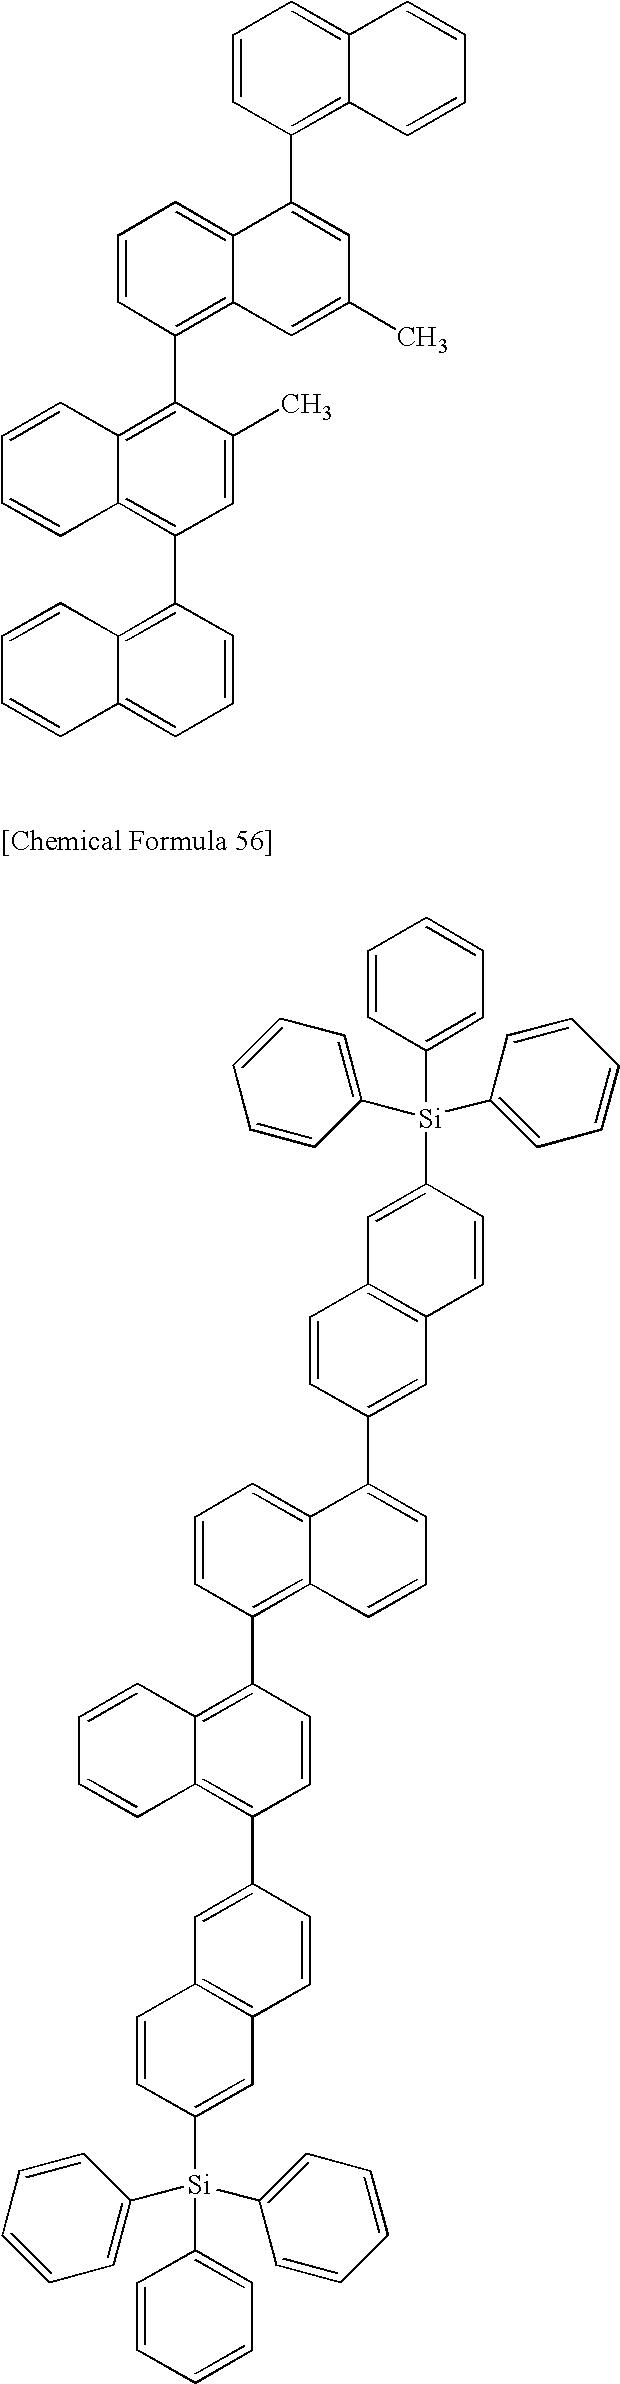 Figure US20100171109A1-20100708-C00096